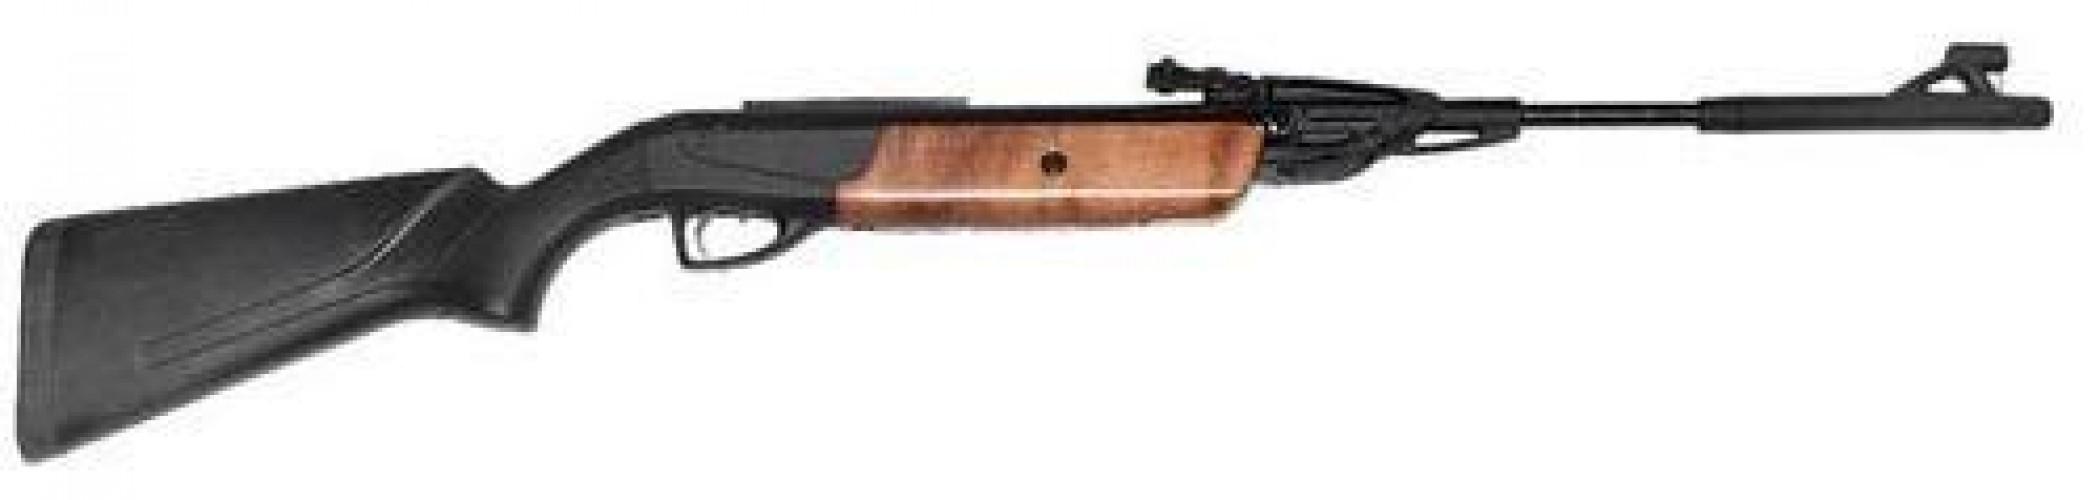 Пневматическая винтовка МР-512-20 4,5 мм